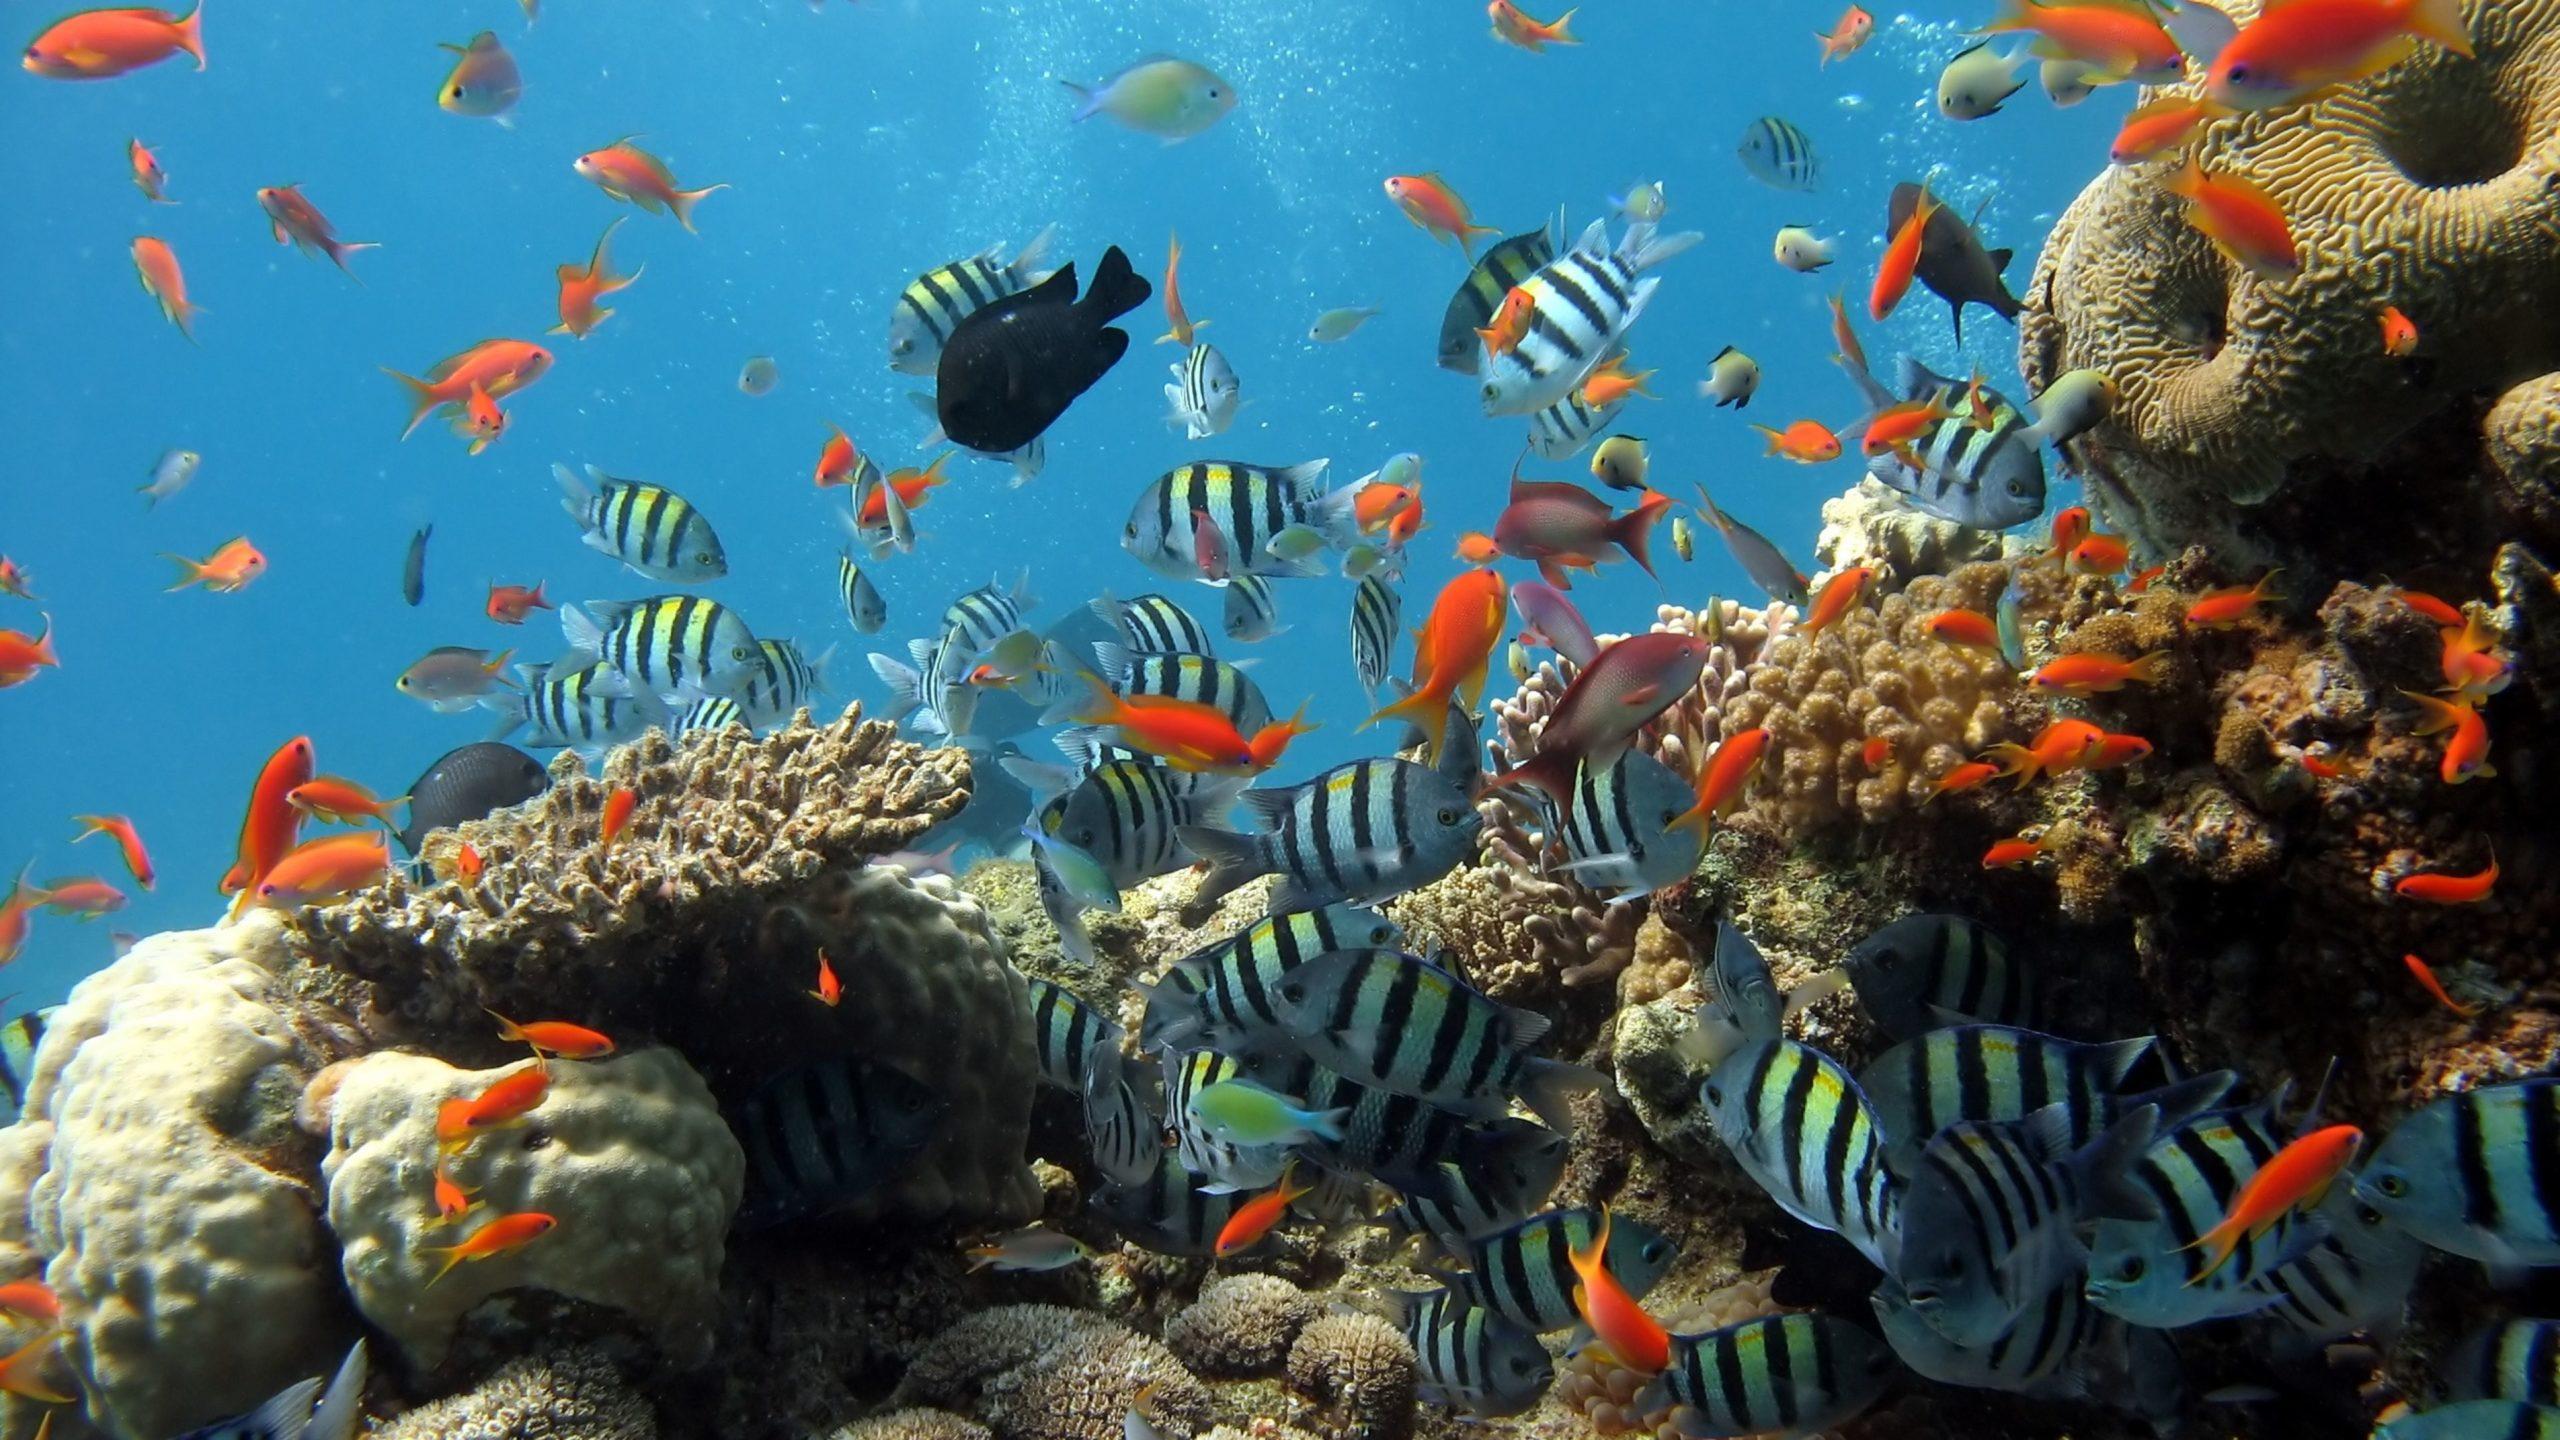 aquatic backgrounds